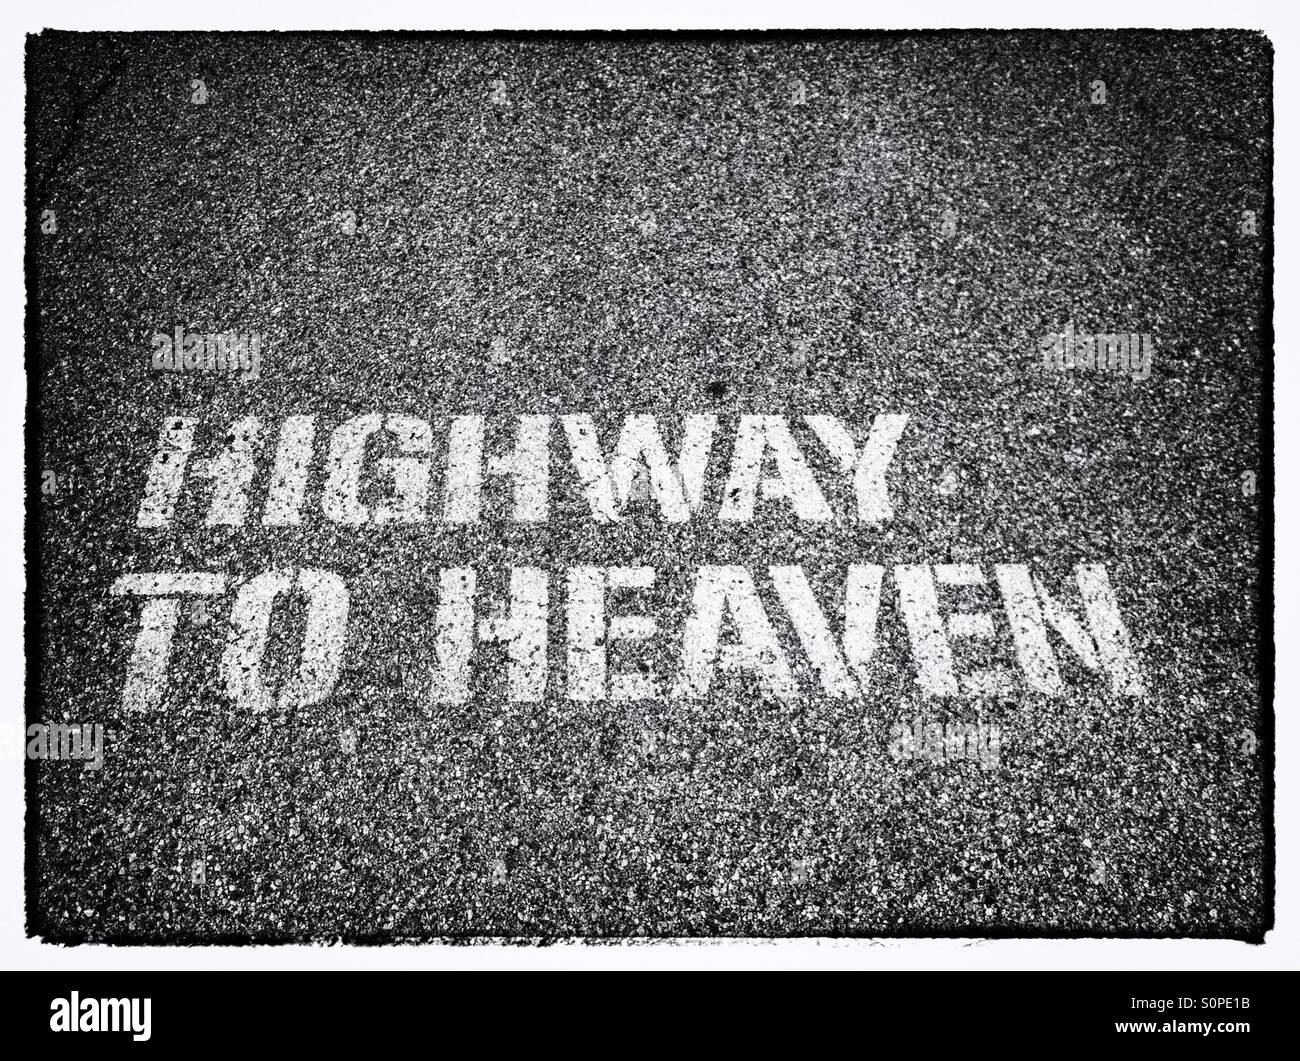 Les mots l'autoroute au Ciel en lettres blanches sur une route asphaltée Photo Stock